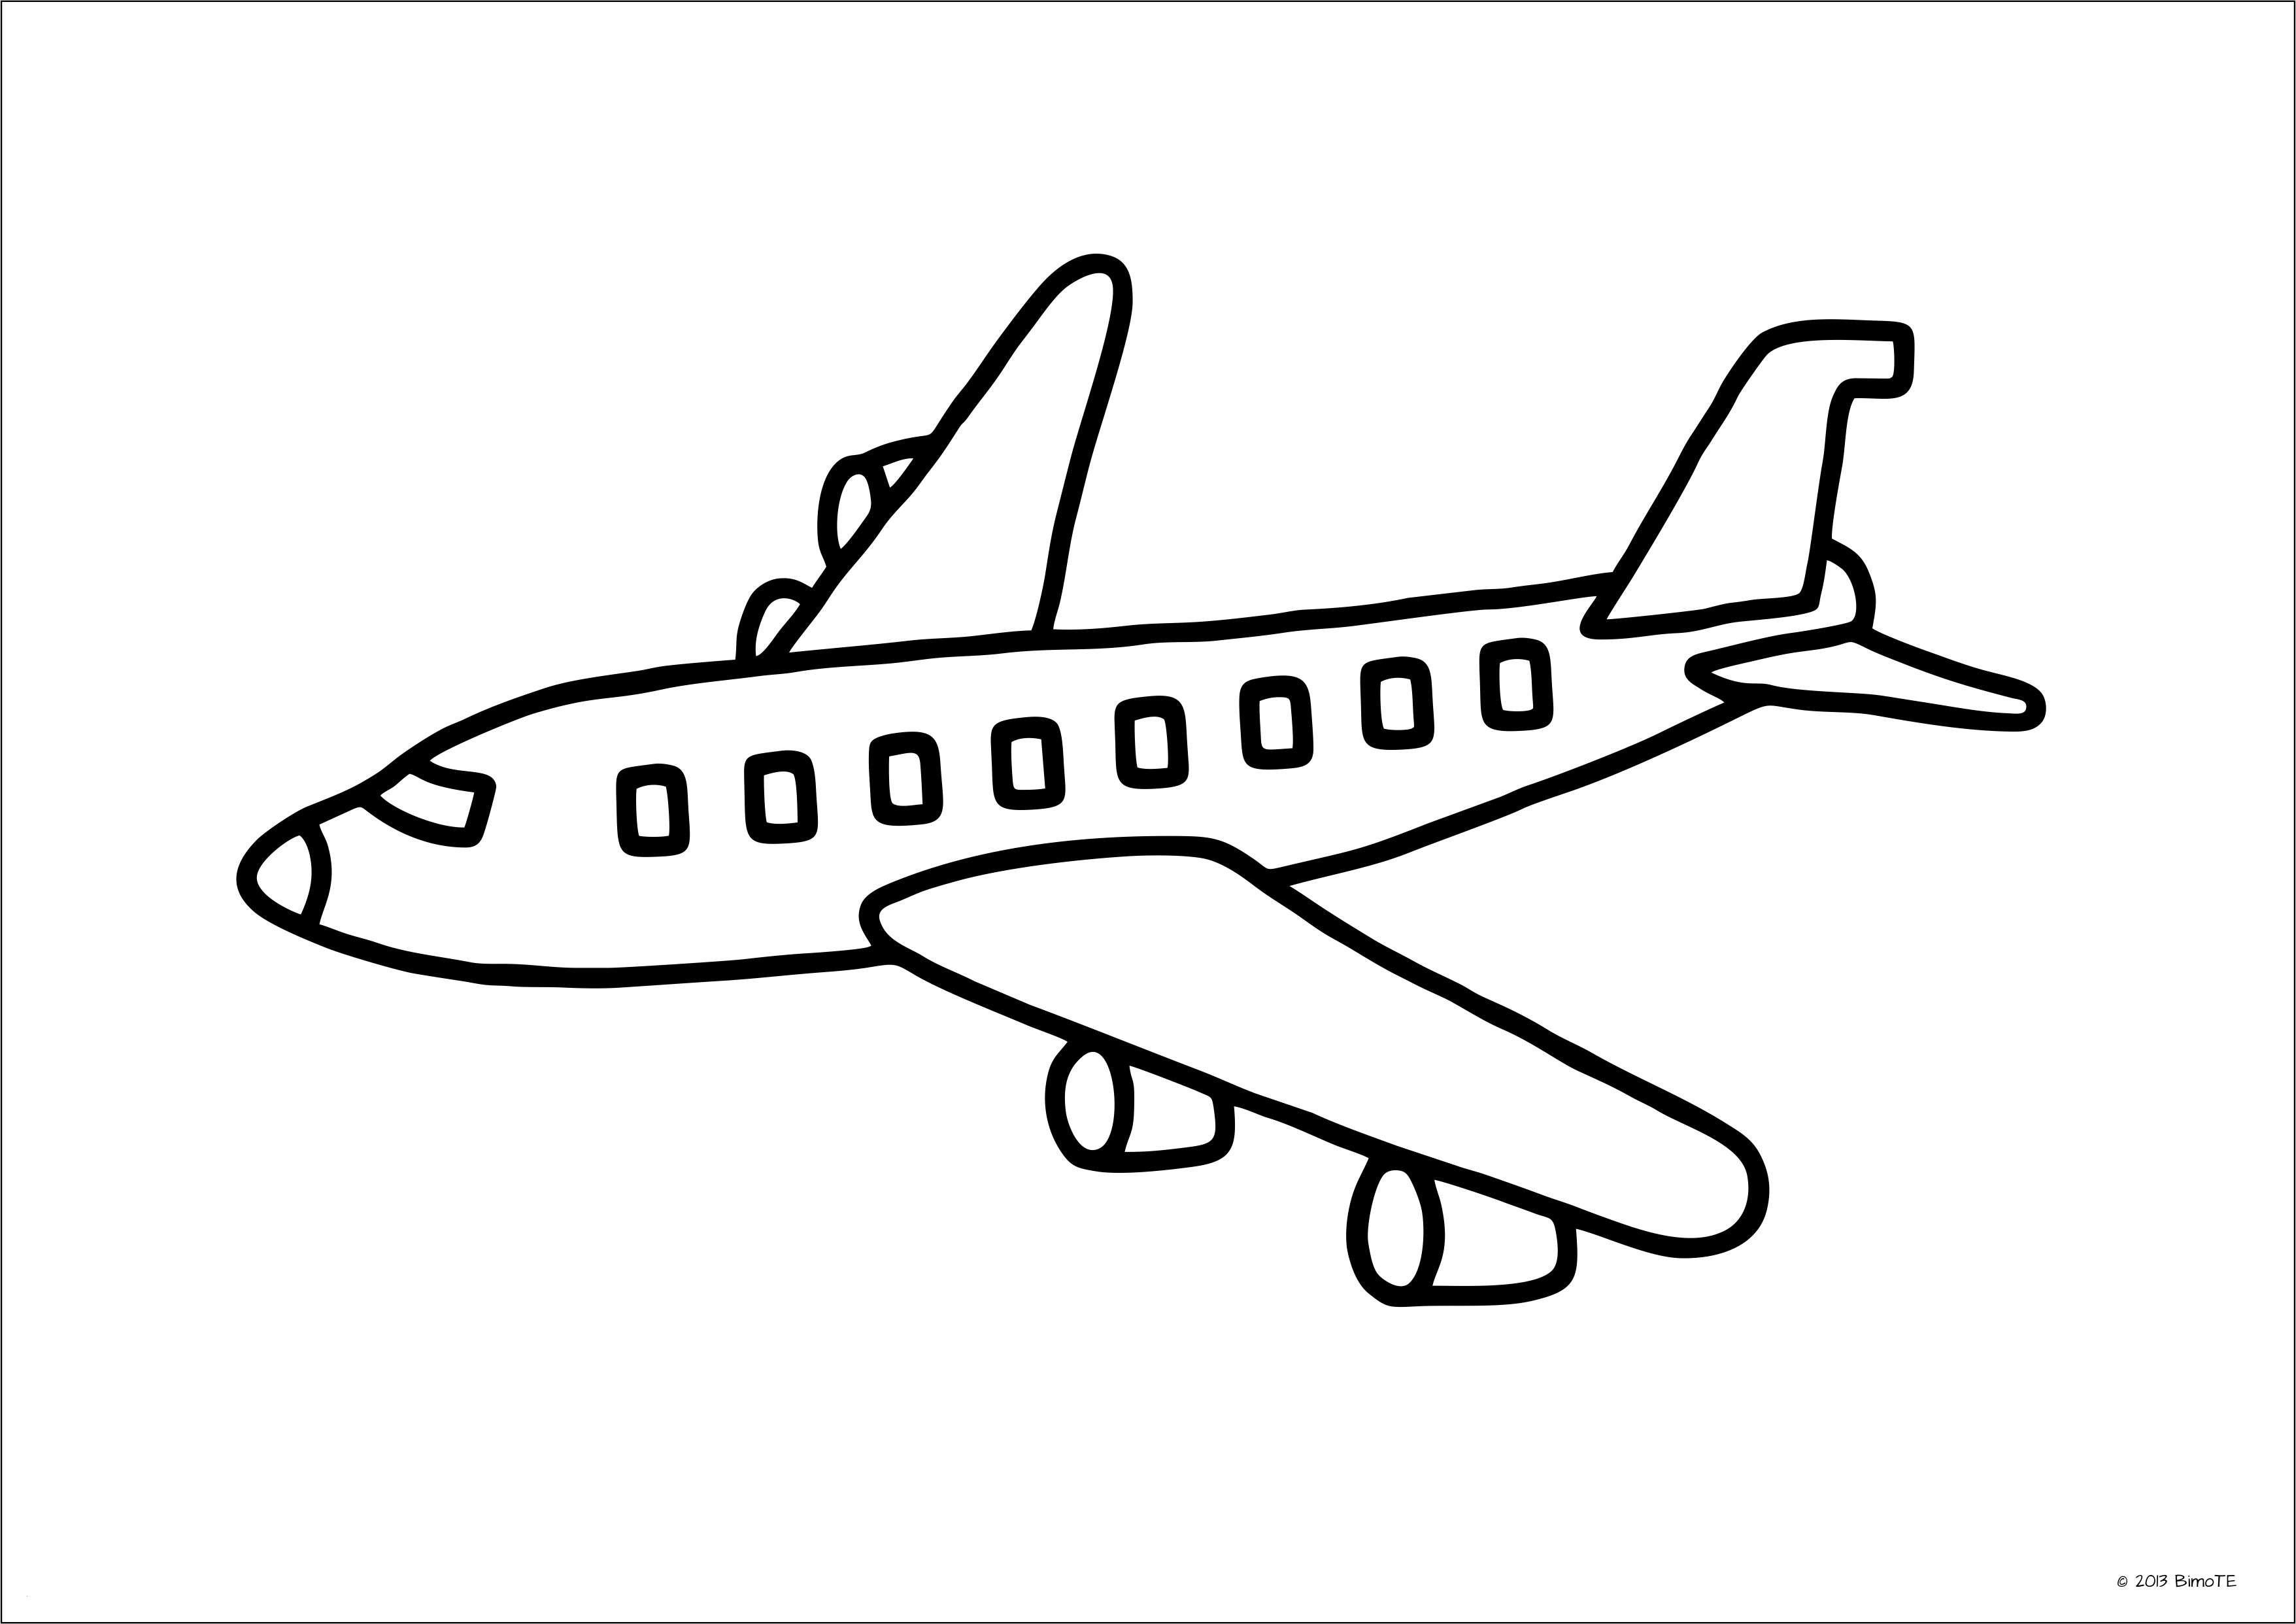 Flugzeuge Zum Ausmalen Neu Ausmalbilder Haus Mit Garten Uploadertalk Best Ausmalbilder Fotos